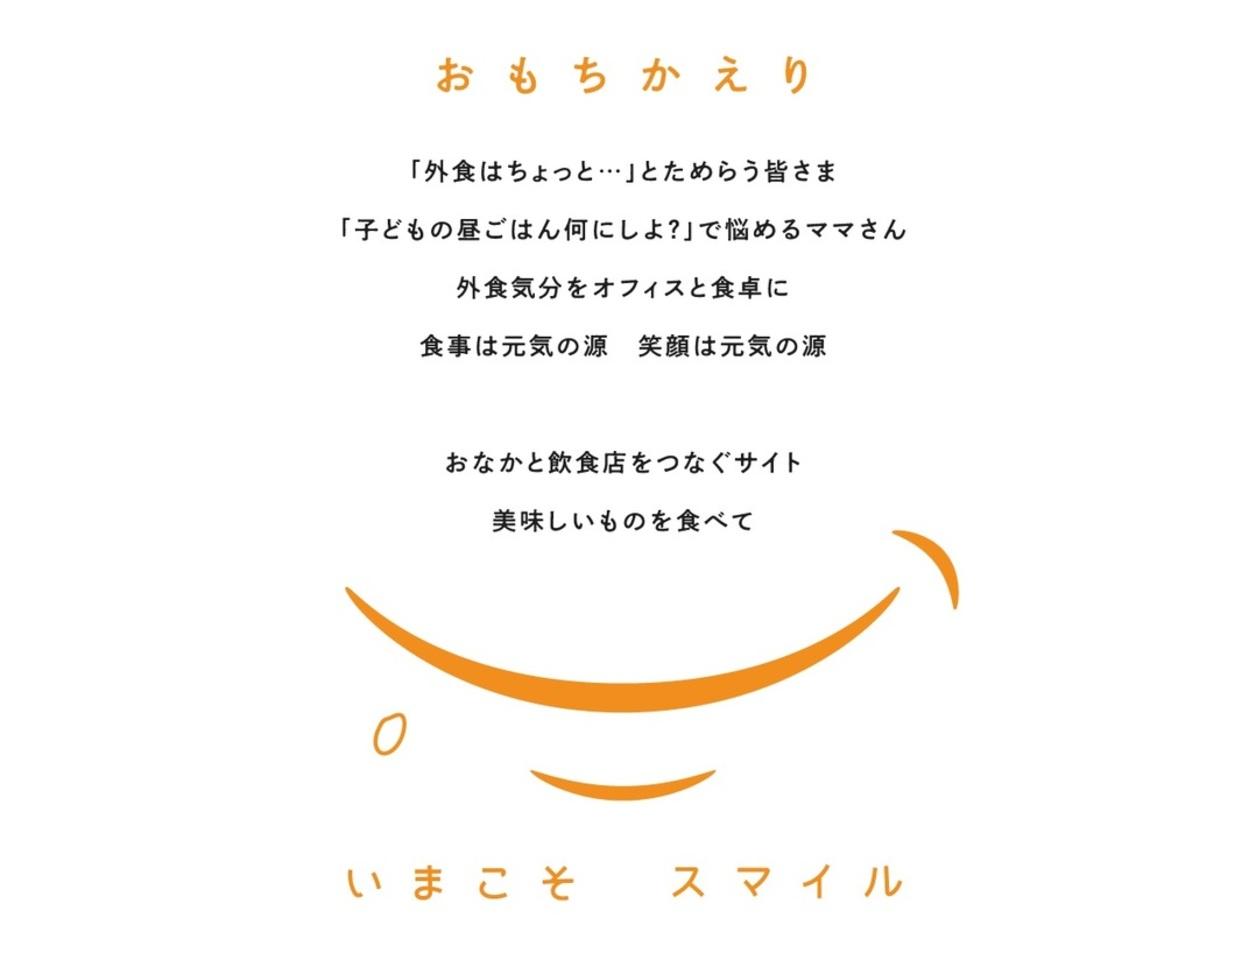 京都WebメディアKLKのテイクアウト店紹介サービス「京のごはん。」